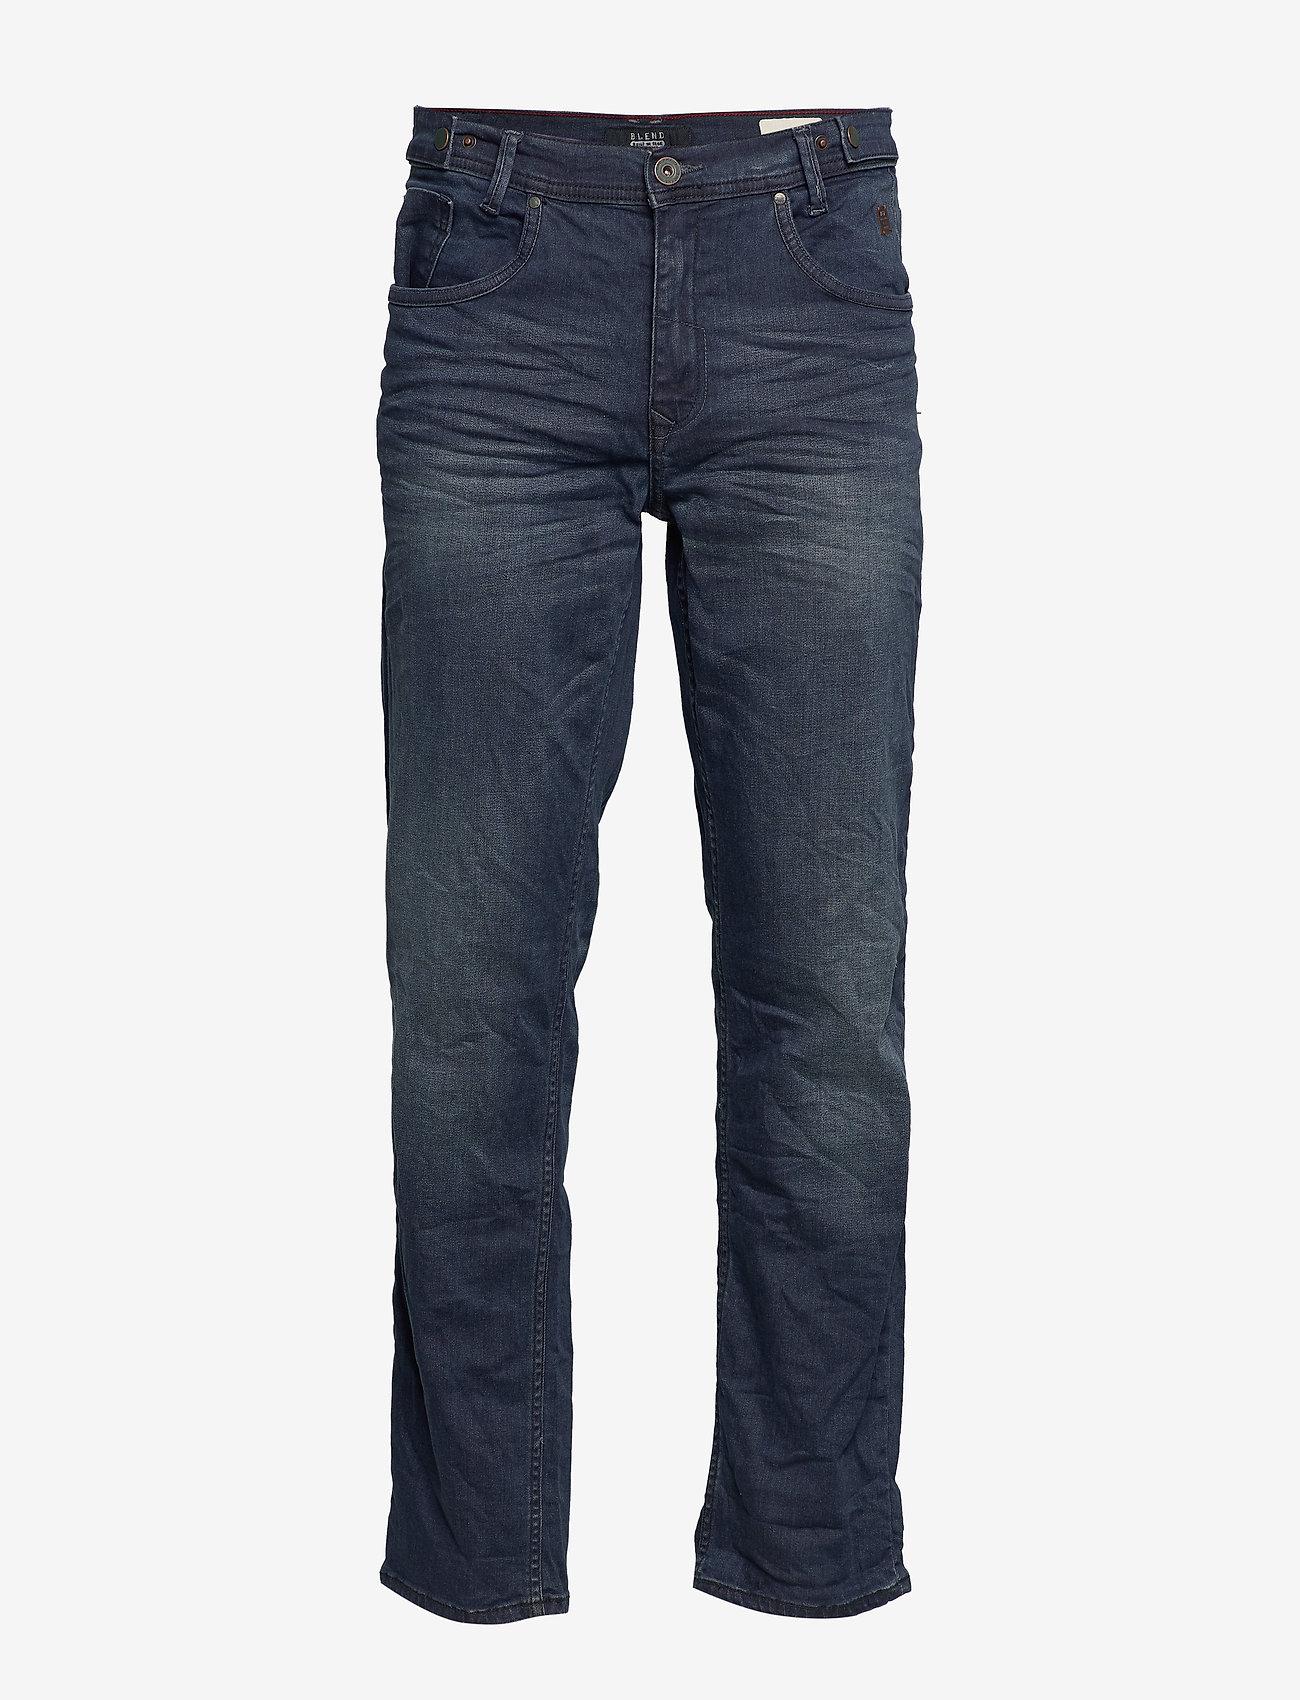 Rock Fit - Noos Jeans (Denim Dark Blue) (48 €) - Blend tQVjm